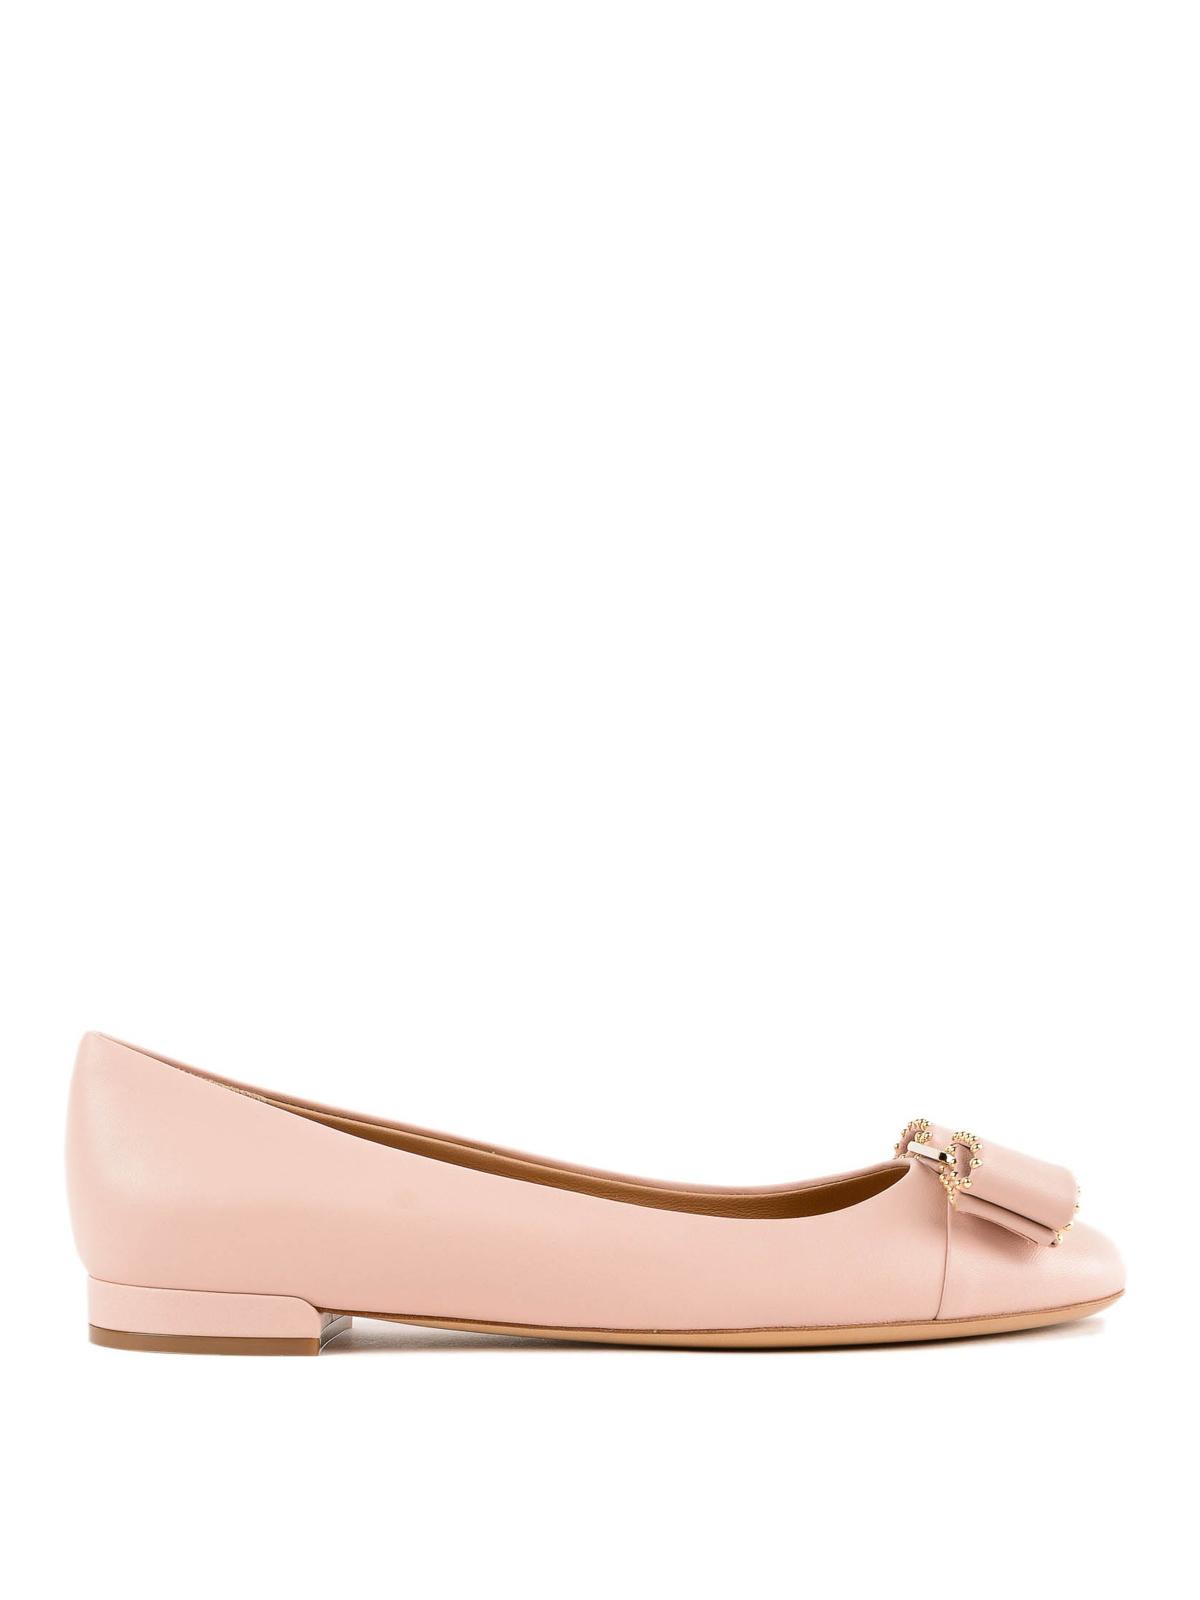 742a556e5da1c SALVATORE FERRAGAMO: flat shoes - Varina studded light pink ballerinas